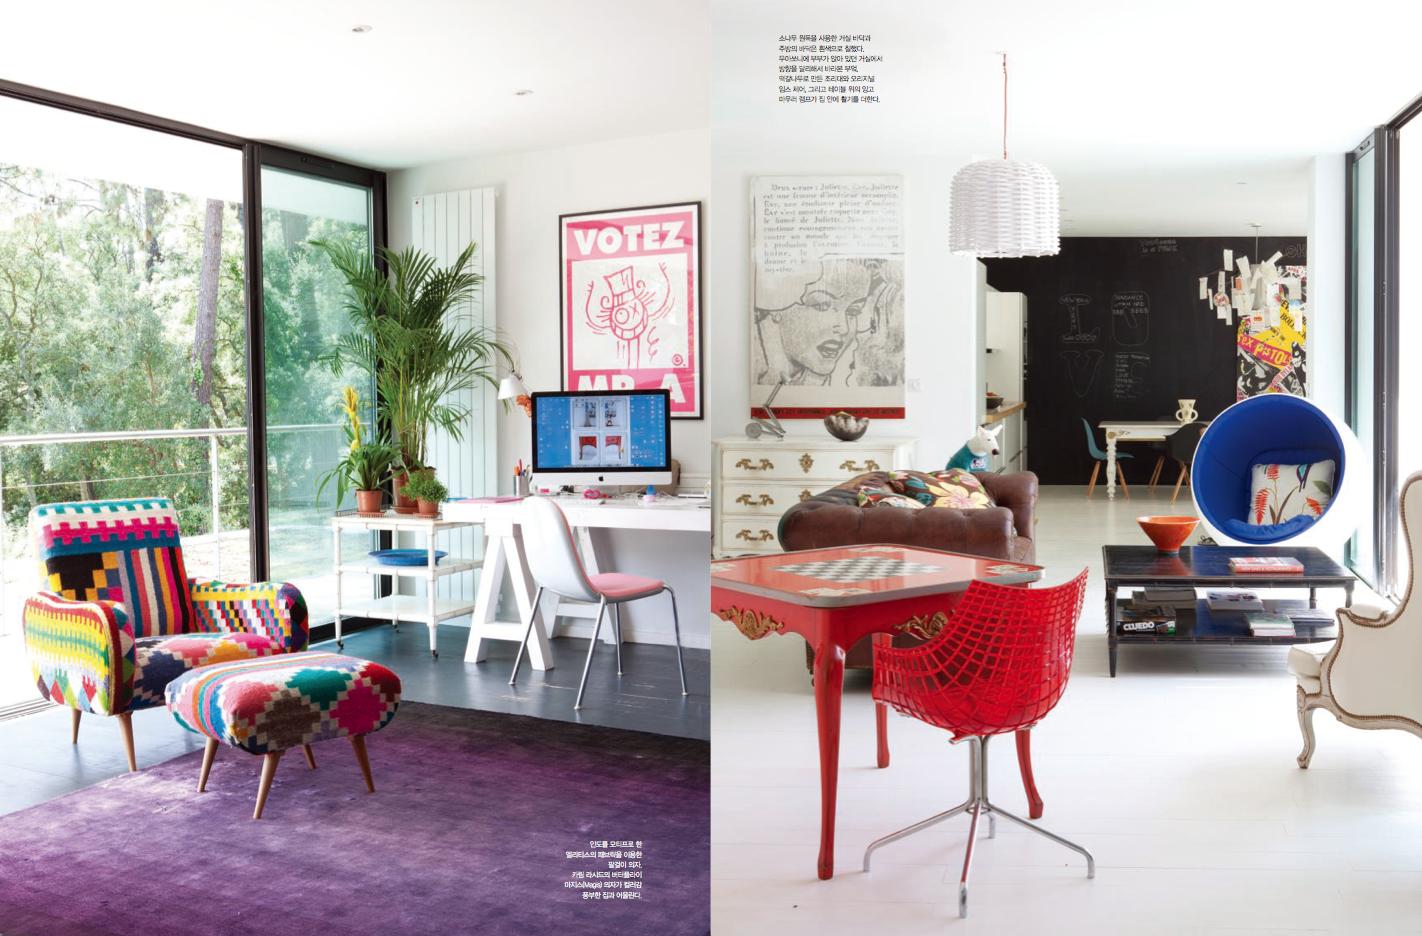 stylisme d co marie claire maison cor e sunrise never ends. Black Bedroom Furniture Sets. Home Design Ideas